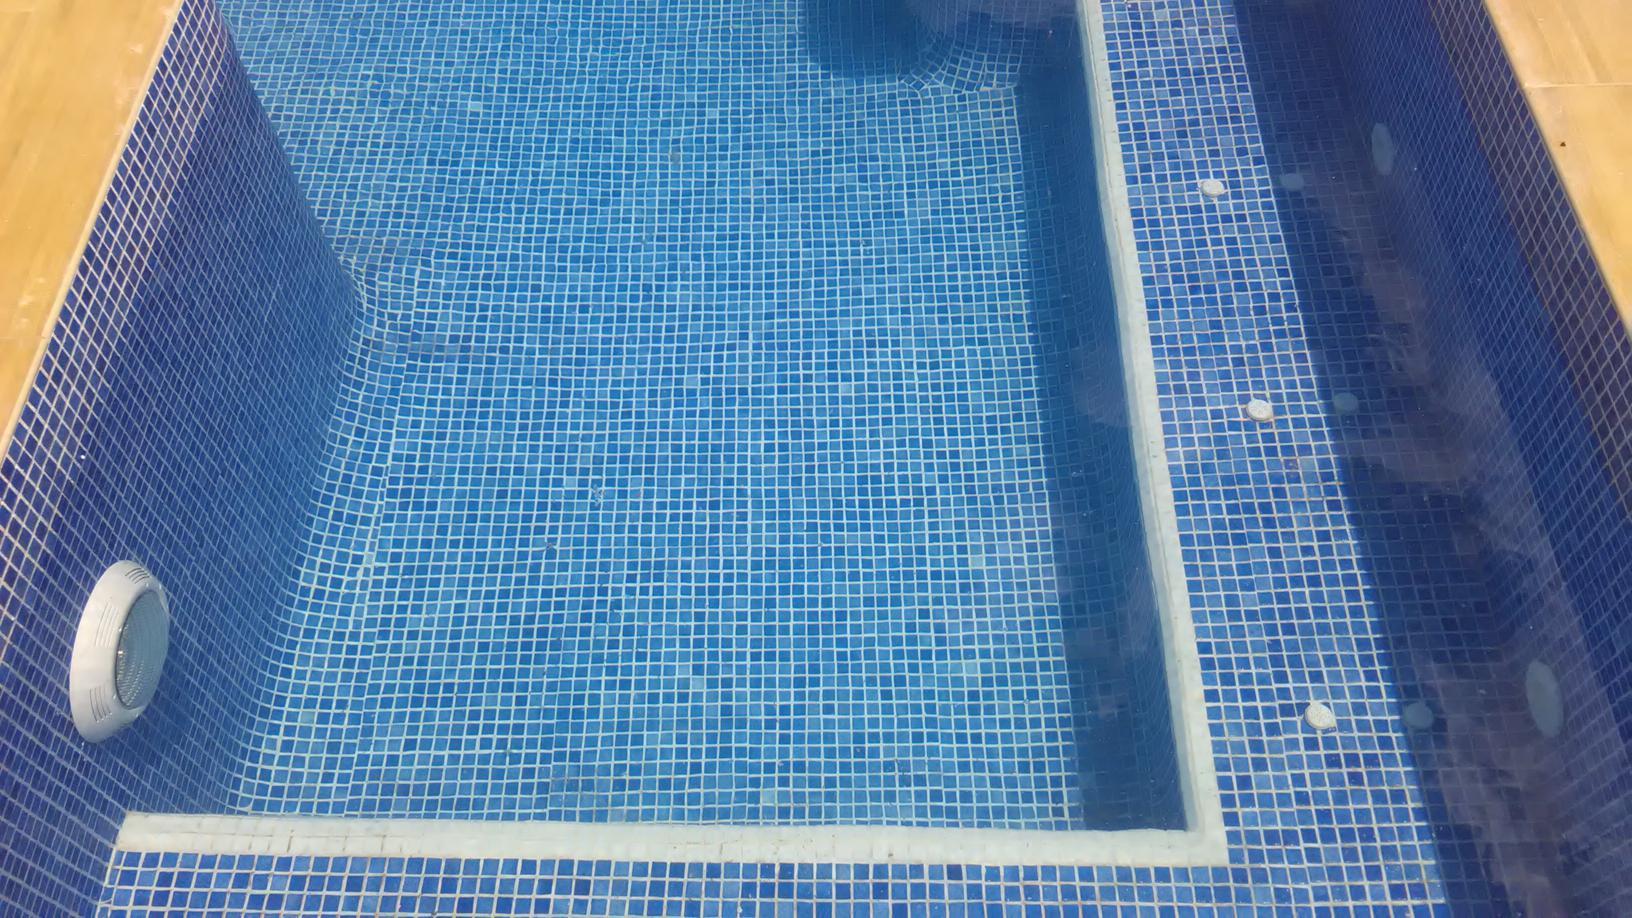 presupuesto de reforma gresite de piscina en torrevieja orihuela costa pilar de la horadada guardamar del segura ciudad quesada